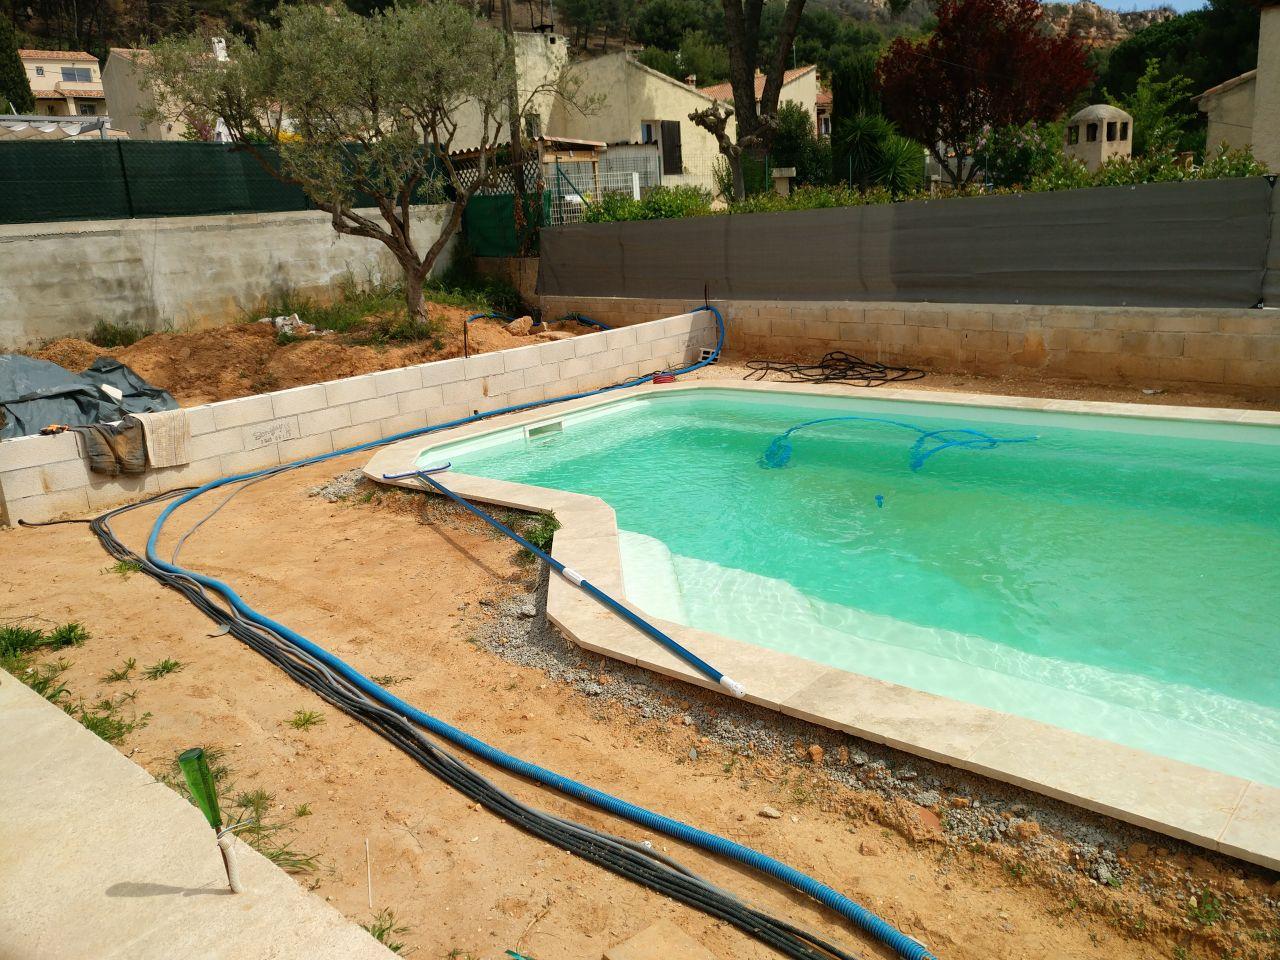 Passage de tous les câbles d'alimentation d'eau et câbles électriques